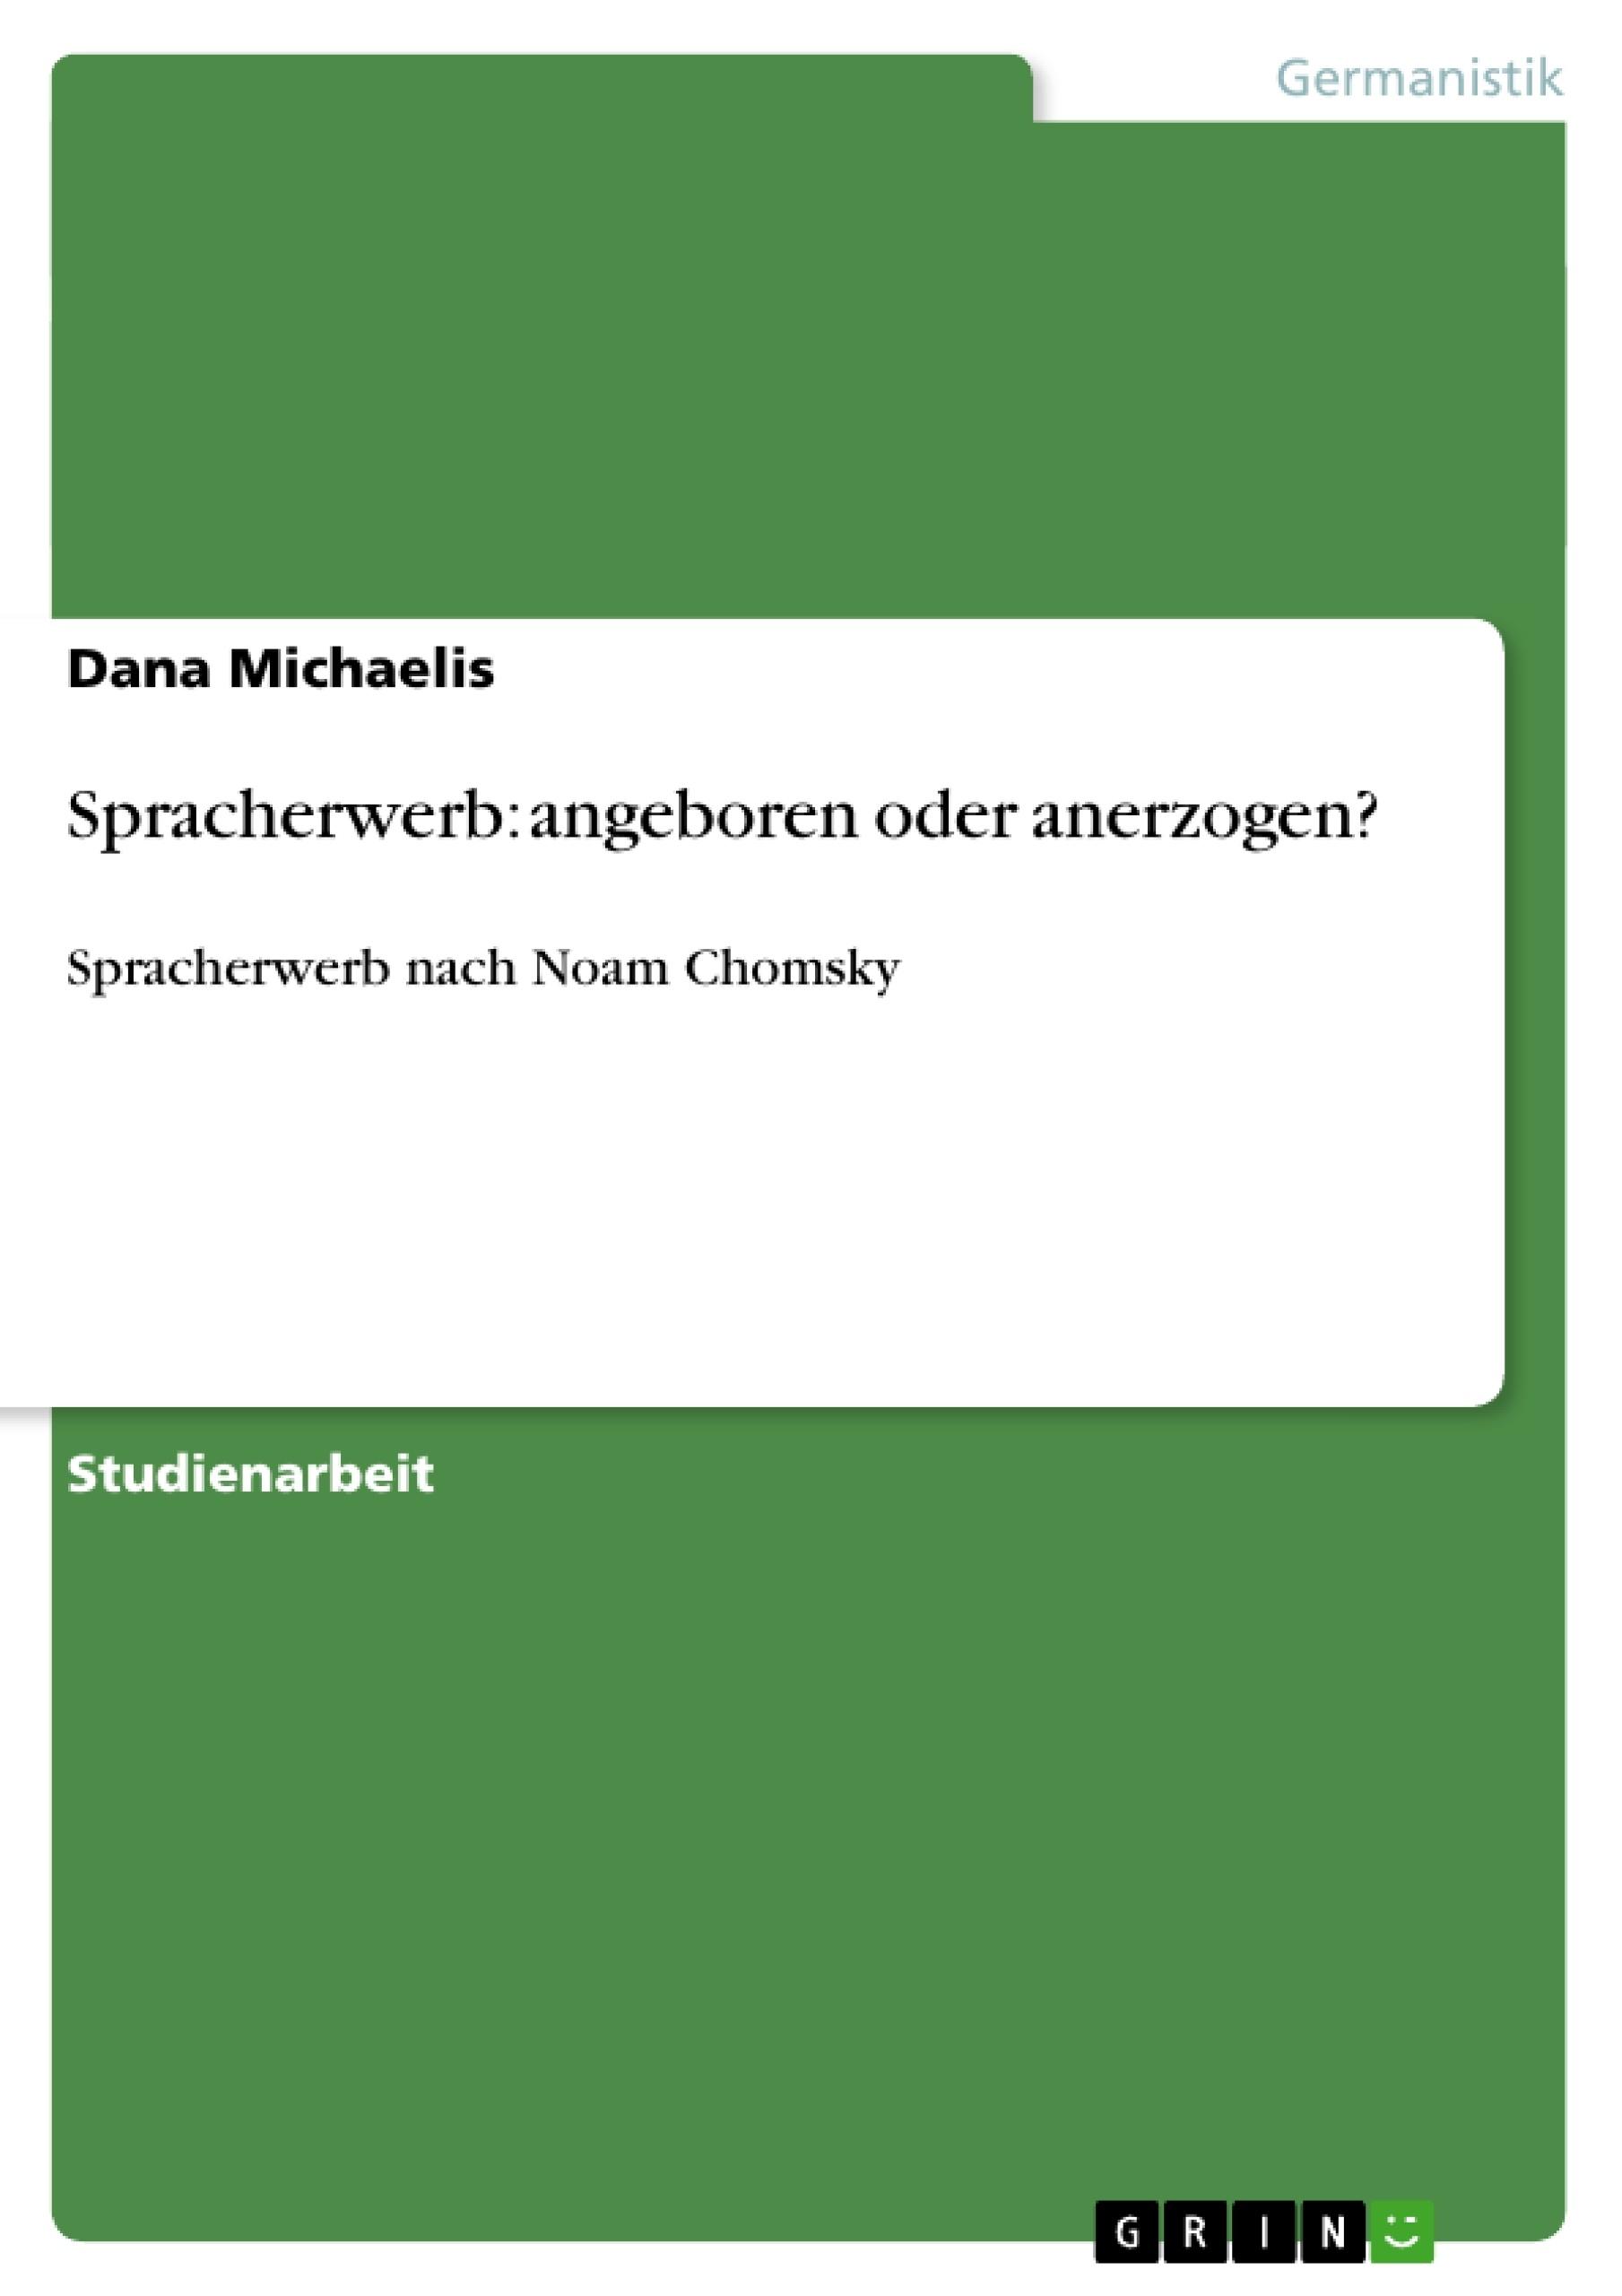 Titel: Spracherwerb: angeboren oder anerzogen?